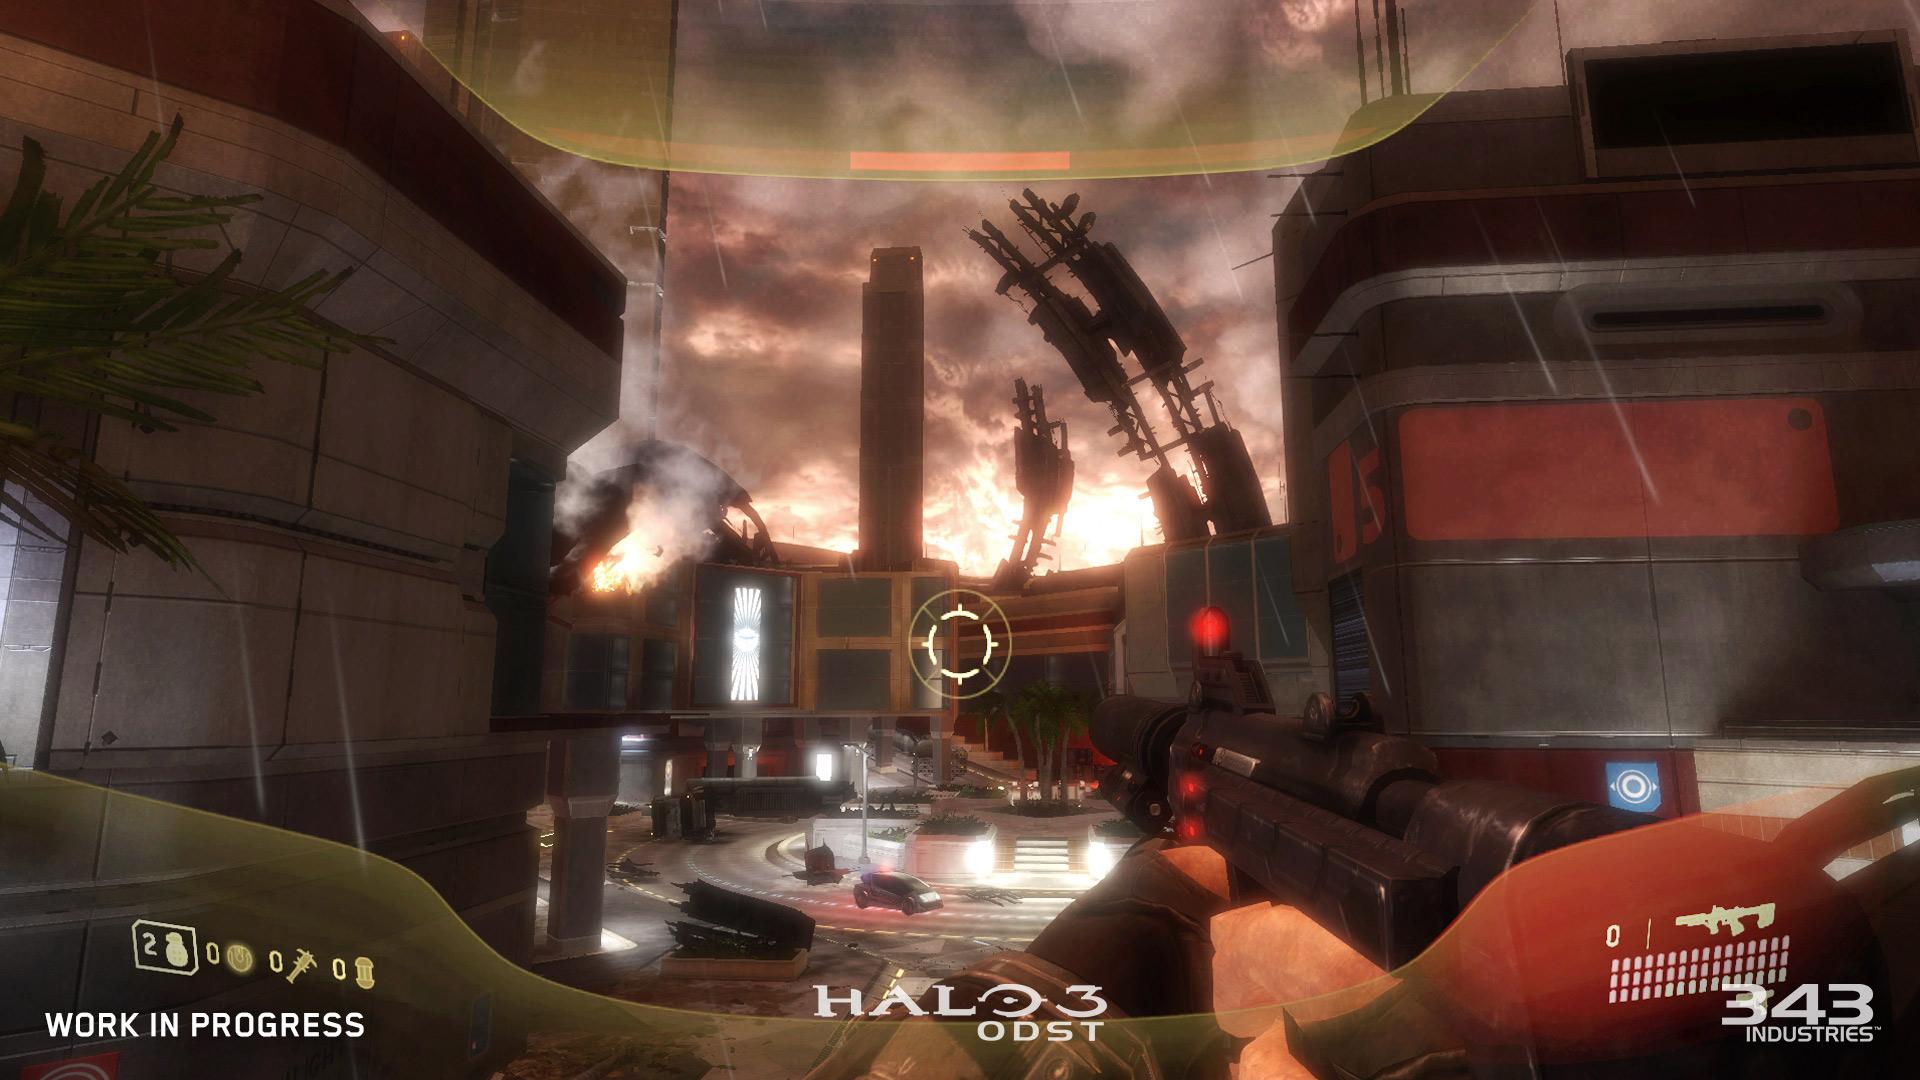 343が master chief collection 版 halo 3 odst 初のスクリーン